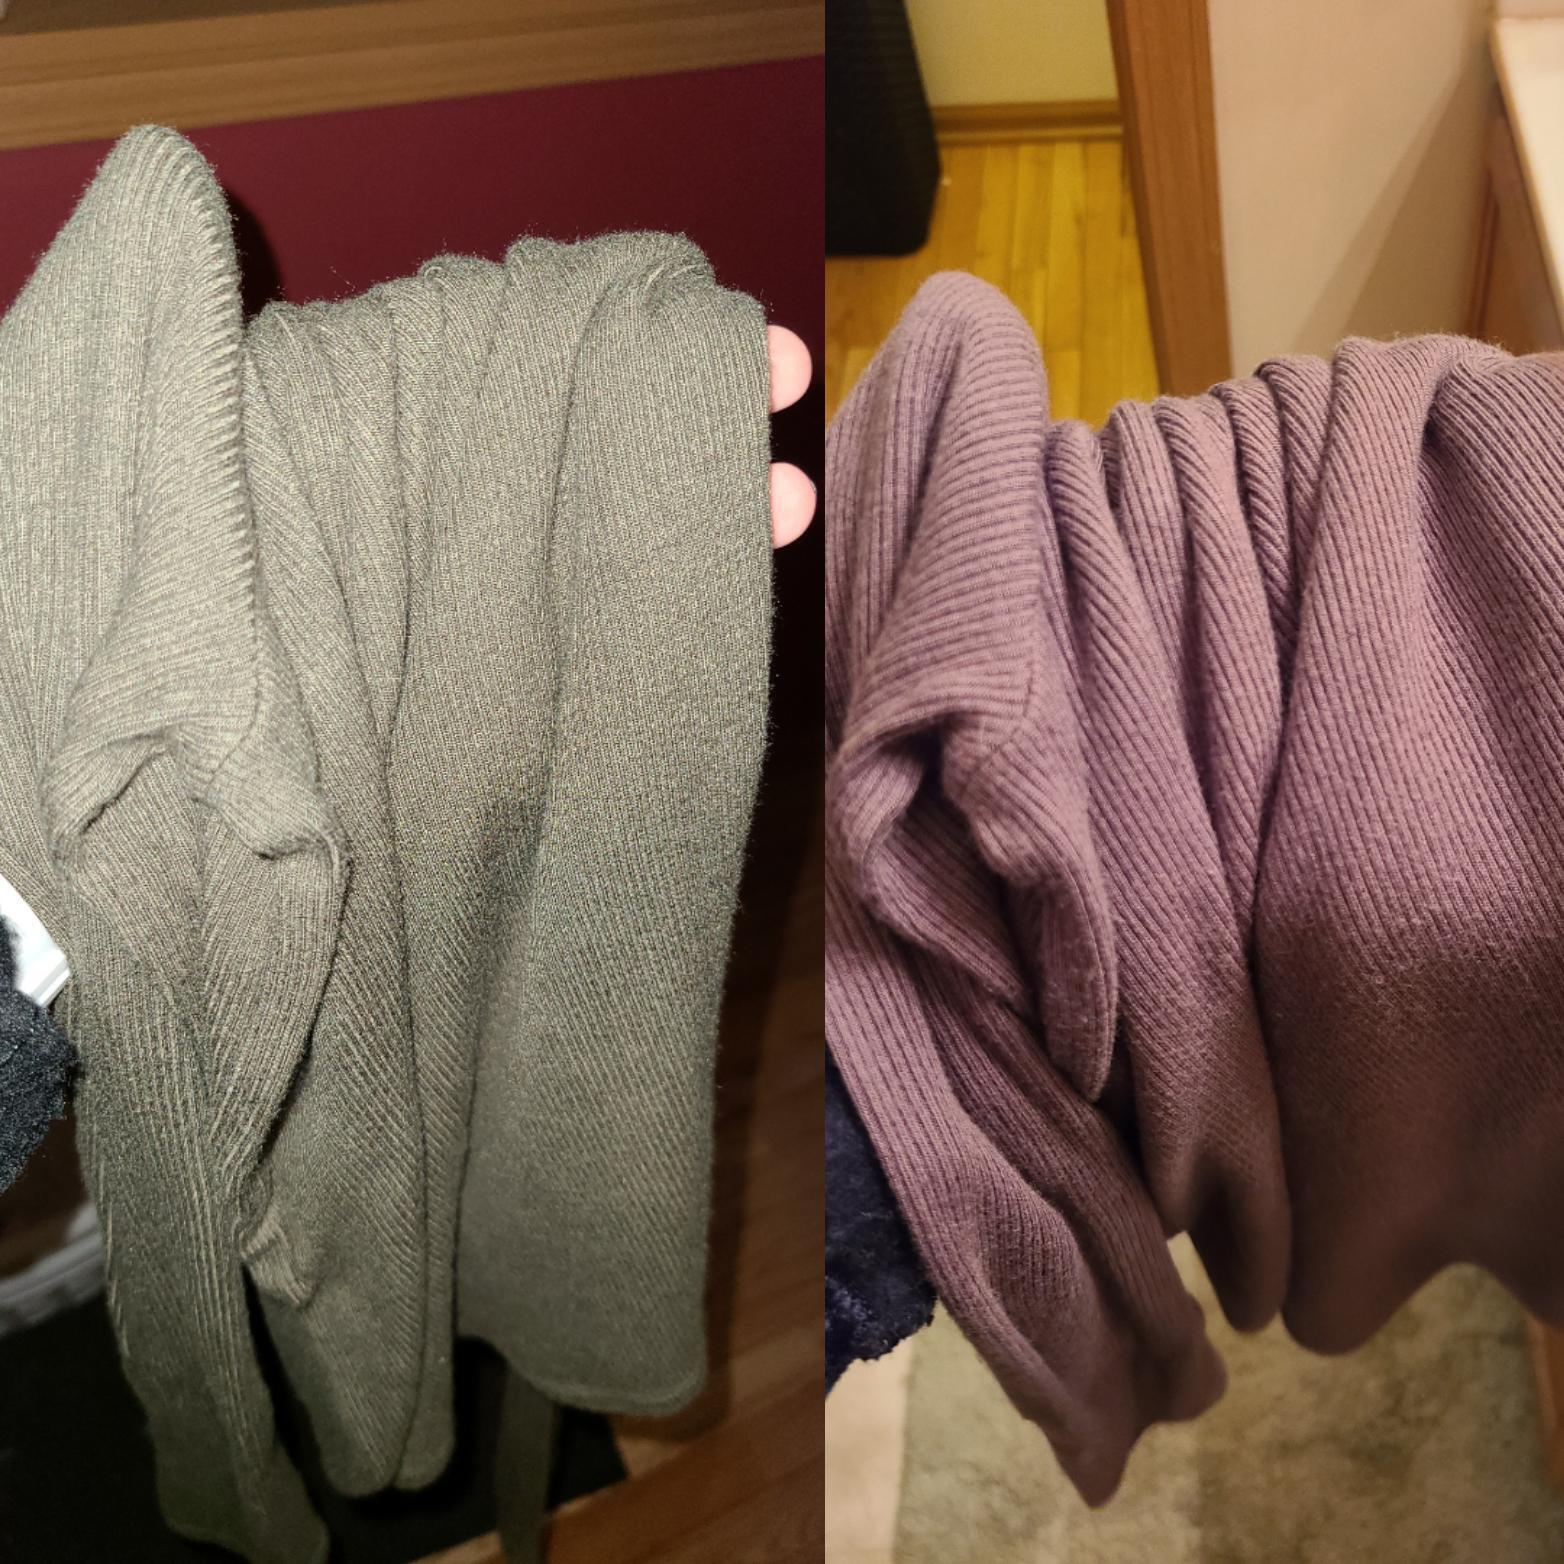 Появилась новая оптическая иллюзия с одеждой